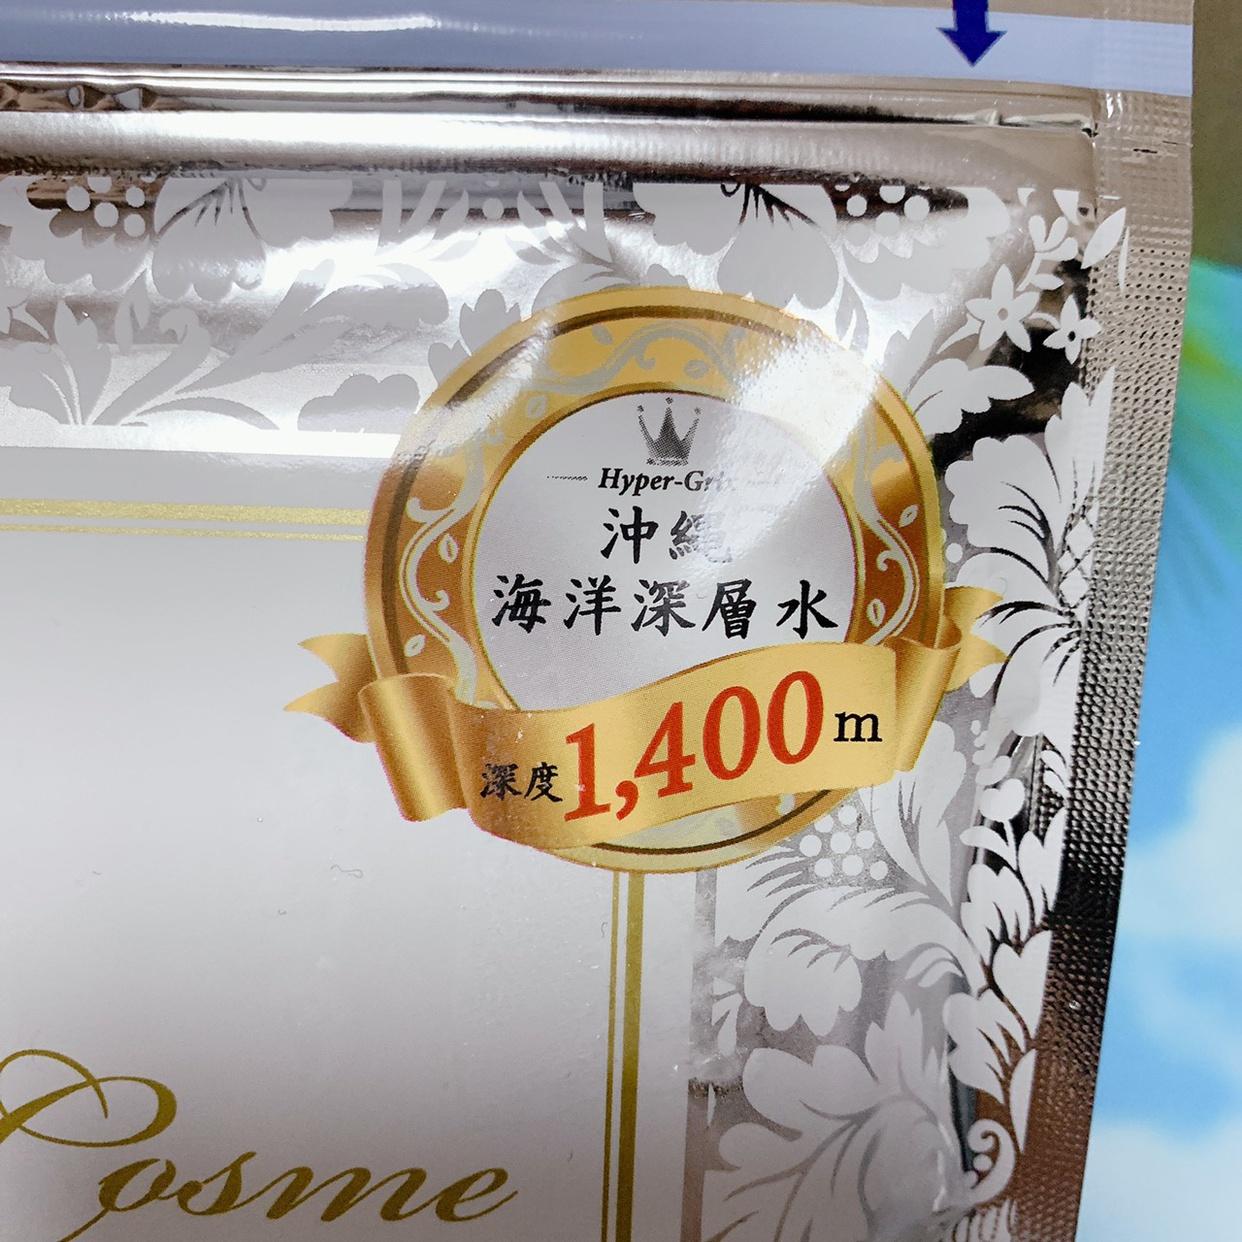 麗凍化粧品(Reitou Cosme) 美容液 化粧水を使ったkana_cafe_timeさんのクチコミ画像3